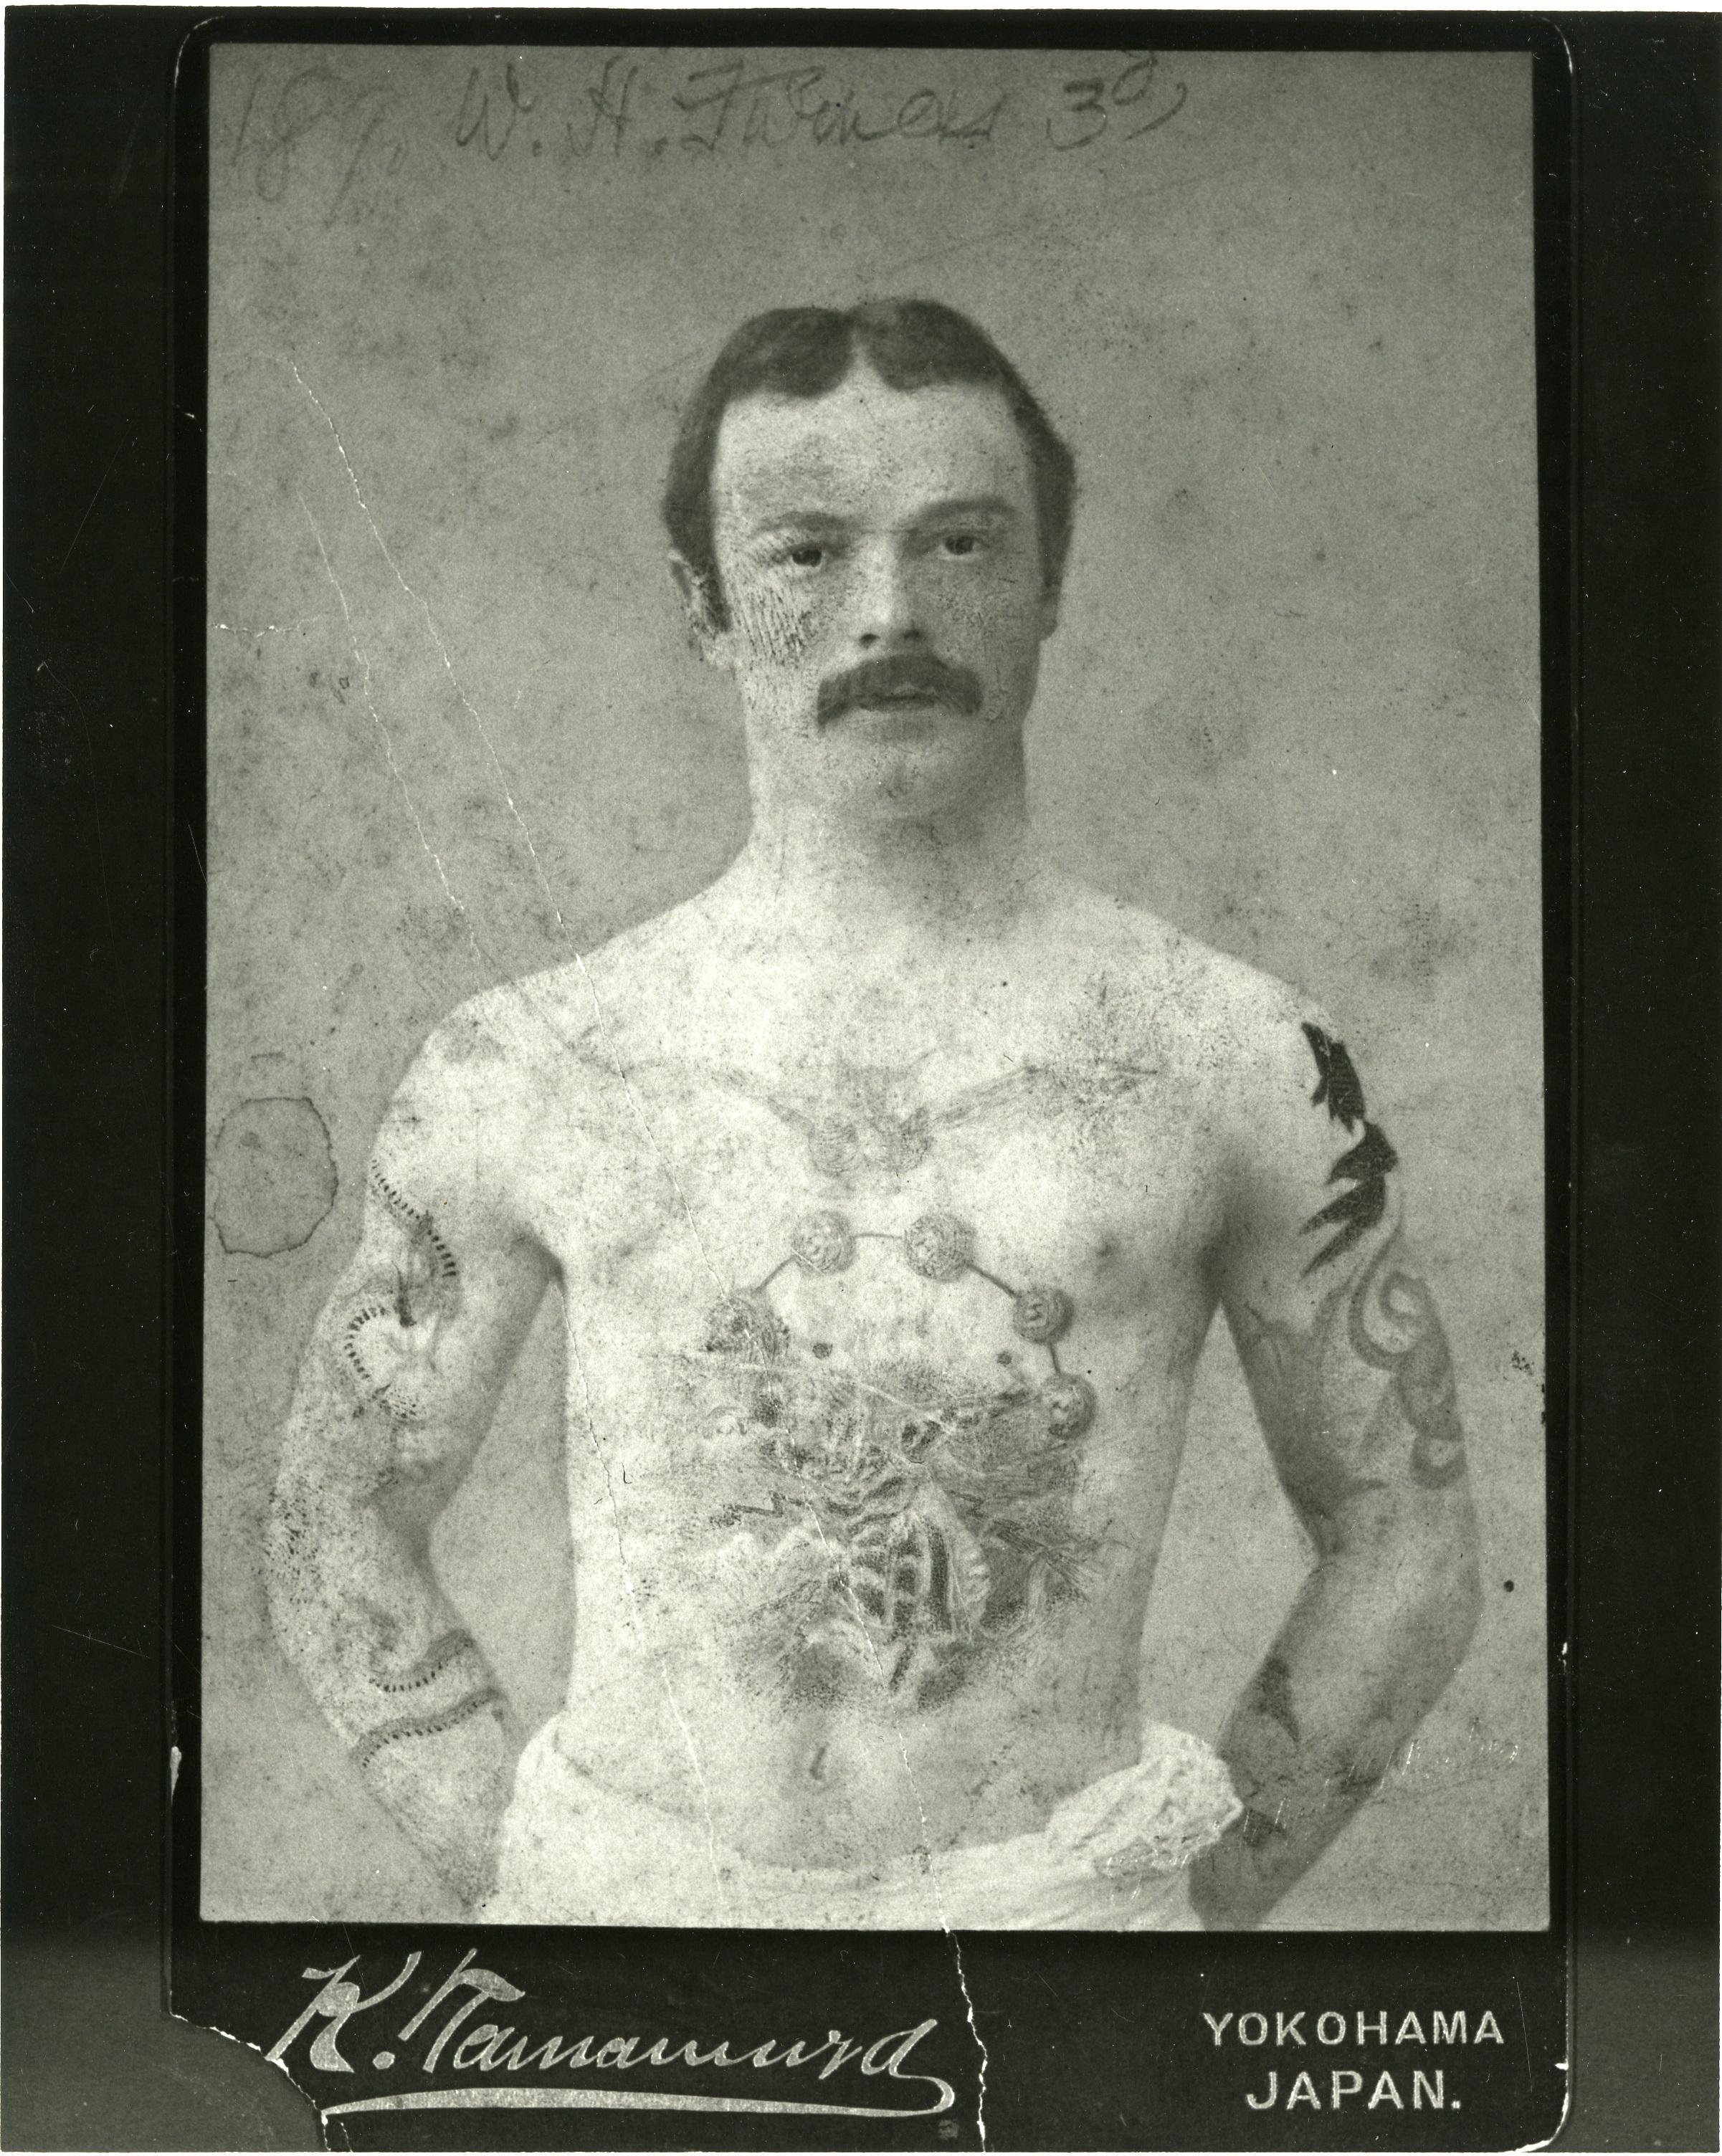 Dr. William H. Furness 3rd in Yokohama, Japan 1890's.